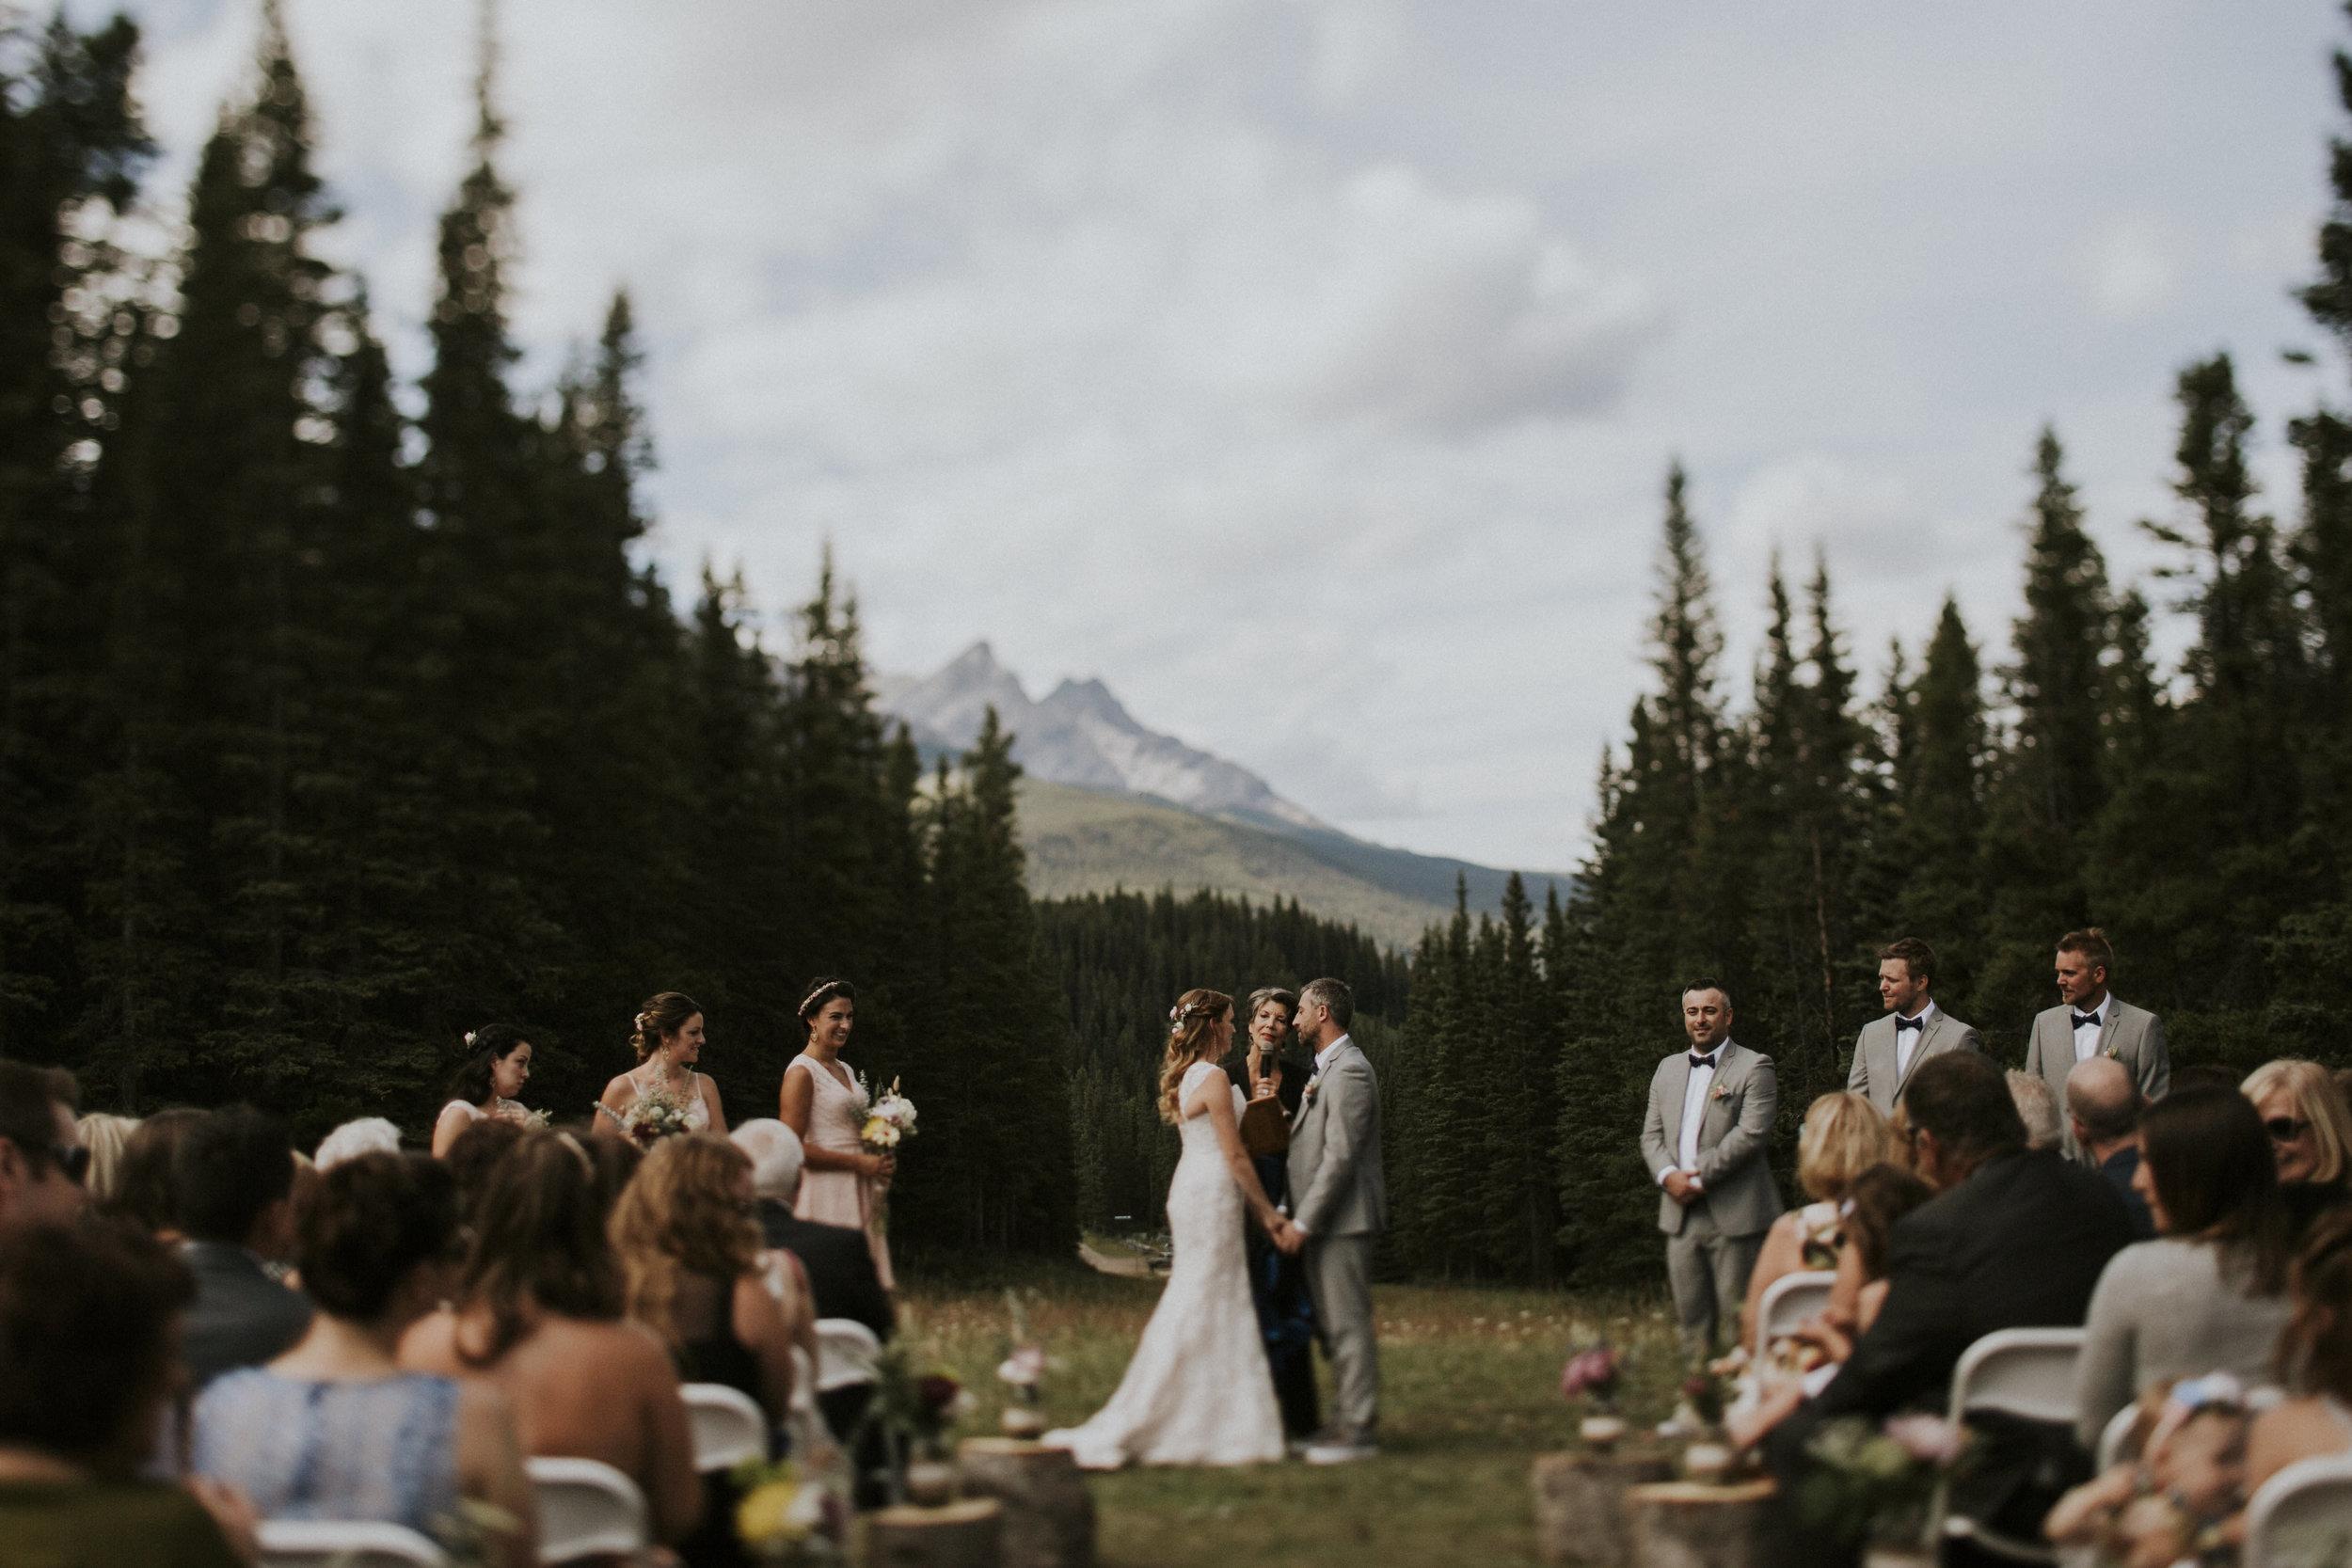 mt norquay wedding couple ceremony